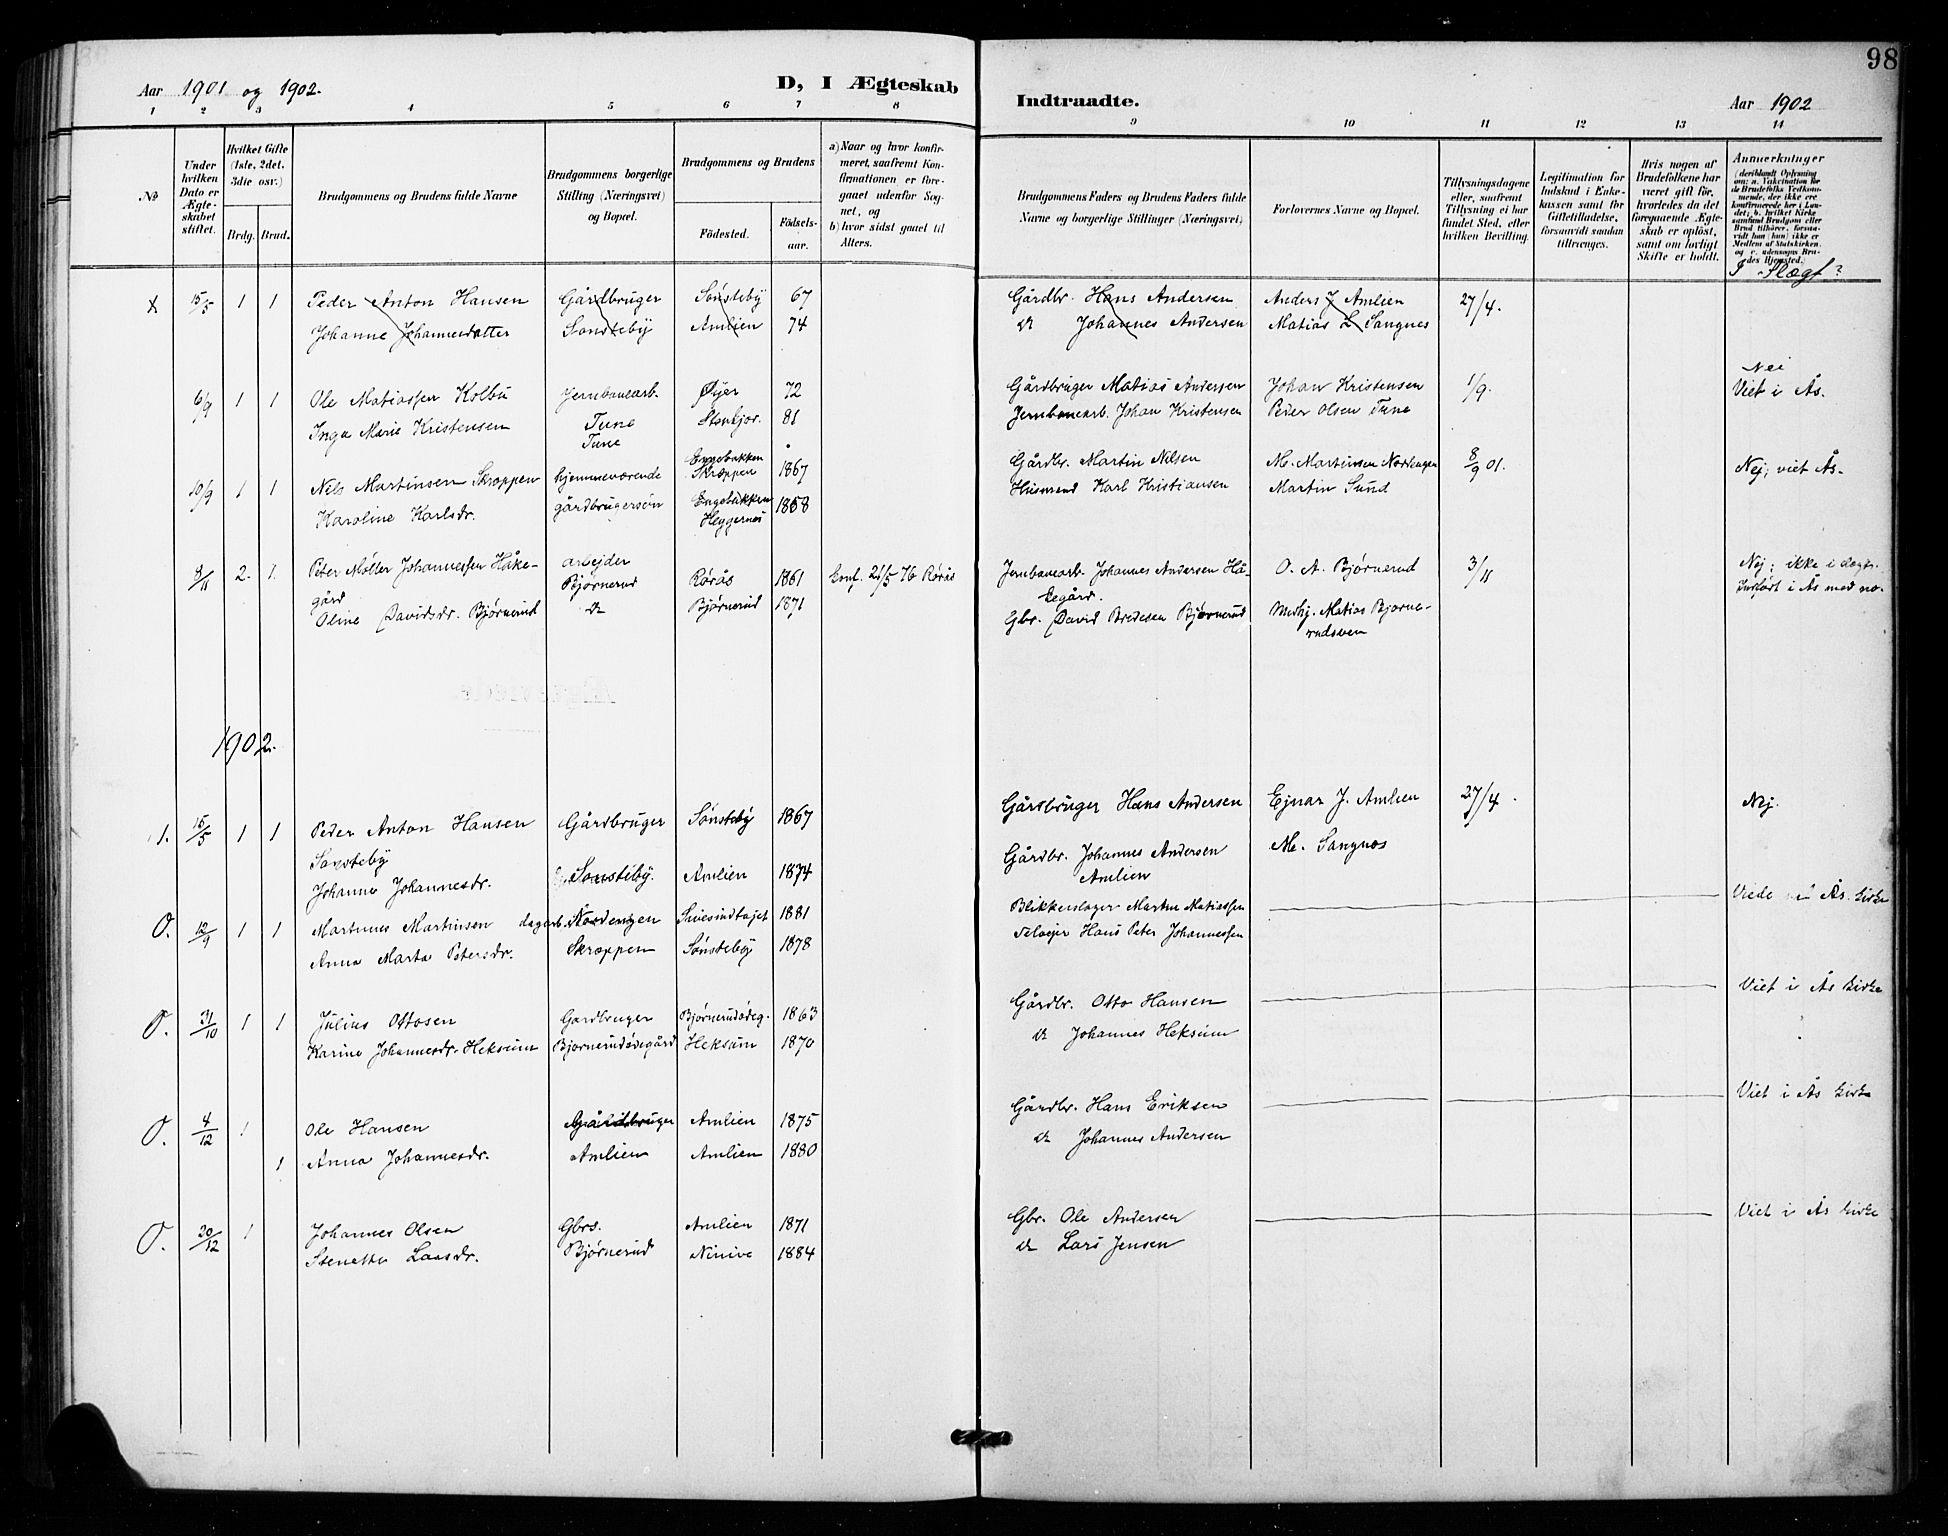 SAH, Vestre Toten prestekontor, H/Ha/Hab/L0016: Klokkerbok nr. 16, 1901-1915, s. 98